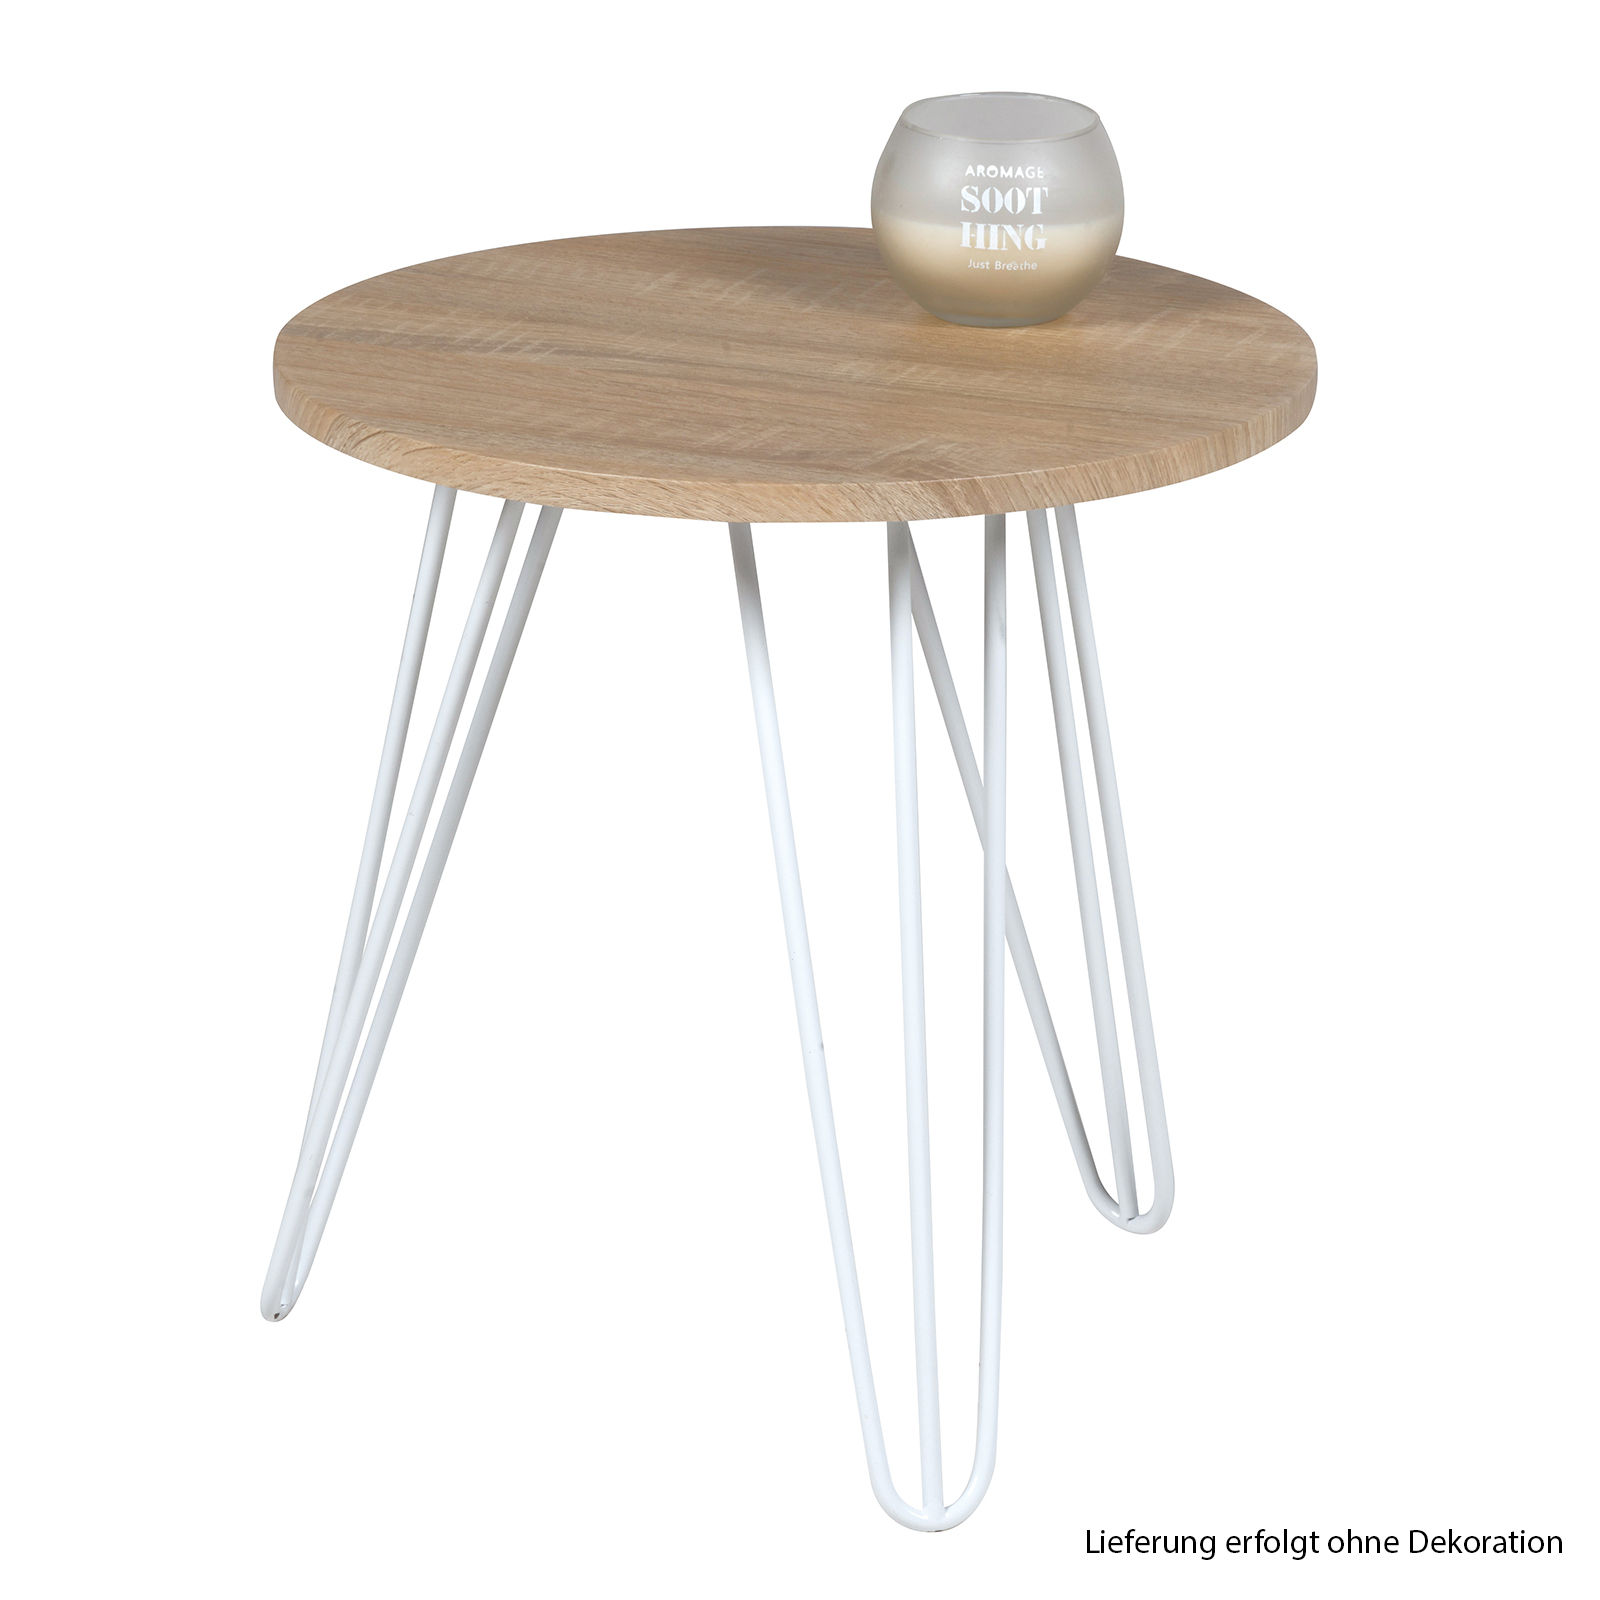 Fesselnde Beistelltisch Holz Sammlung Von Tisch Rund 40x42cm Metall Telefontisch Couchtisch Nachttisch